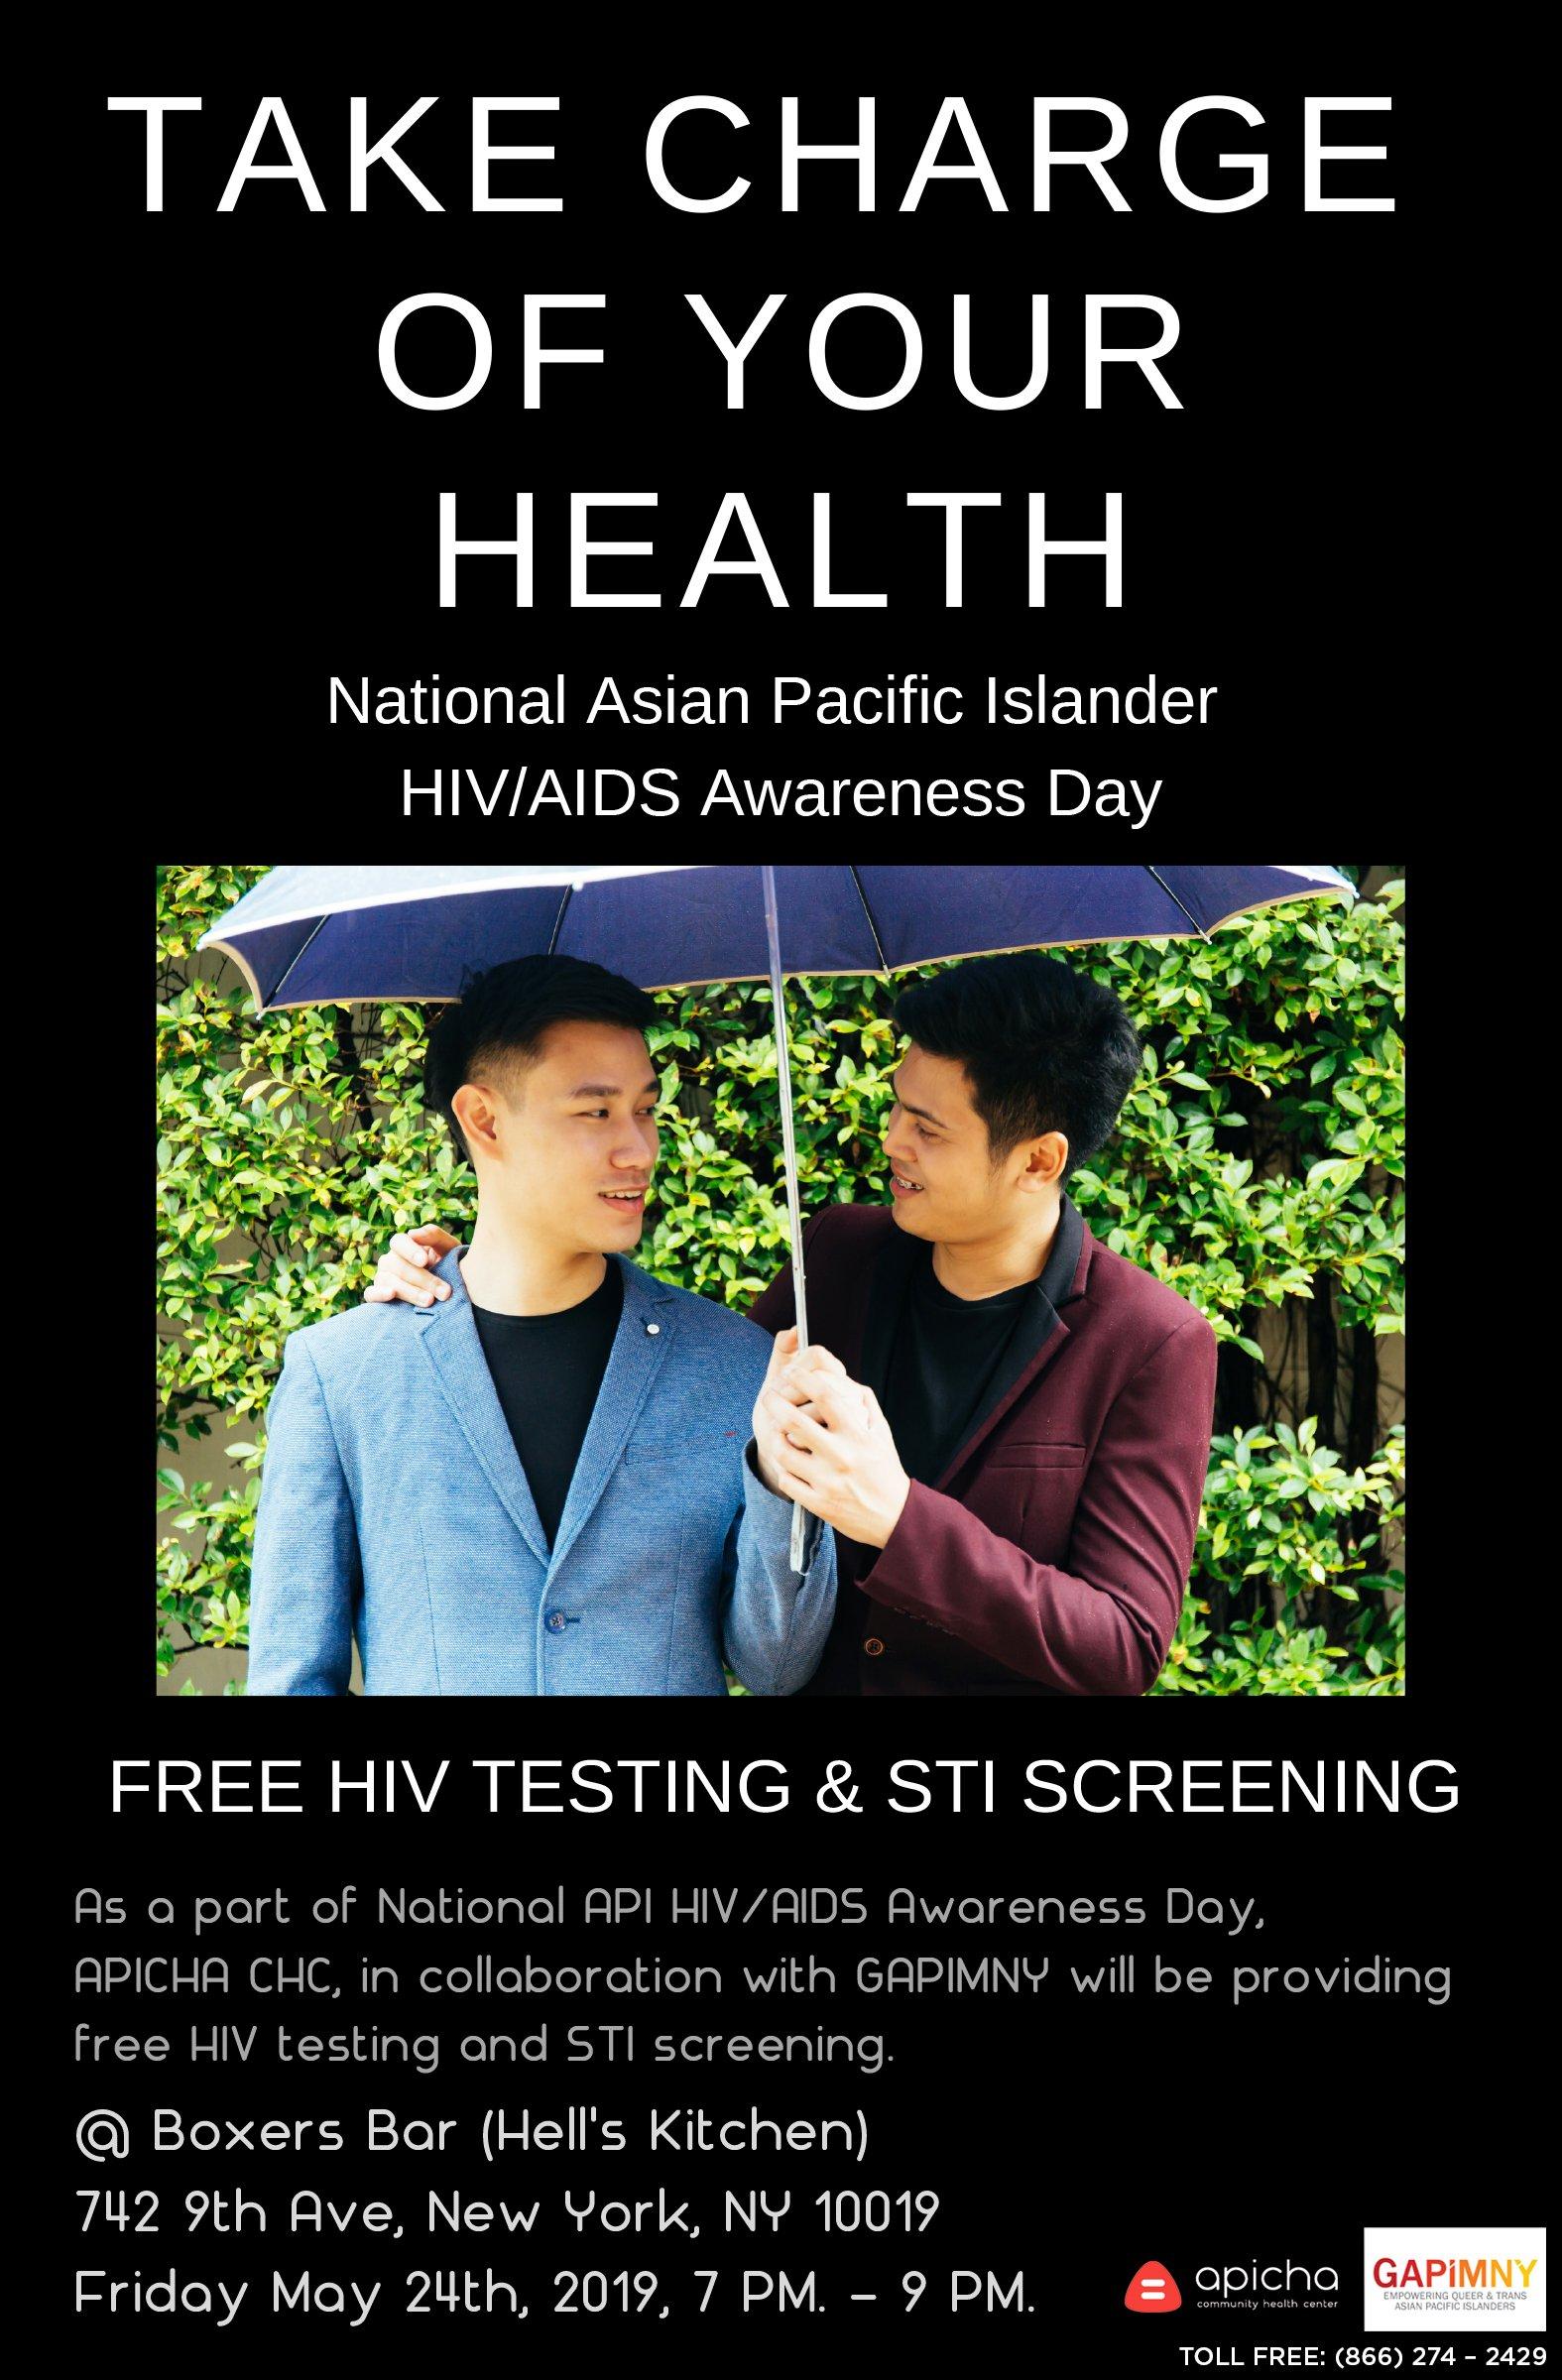 FINALFINALflier-NationalAPI-HIV-AIDS-AwarenessDay-FINALFINAL-English